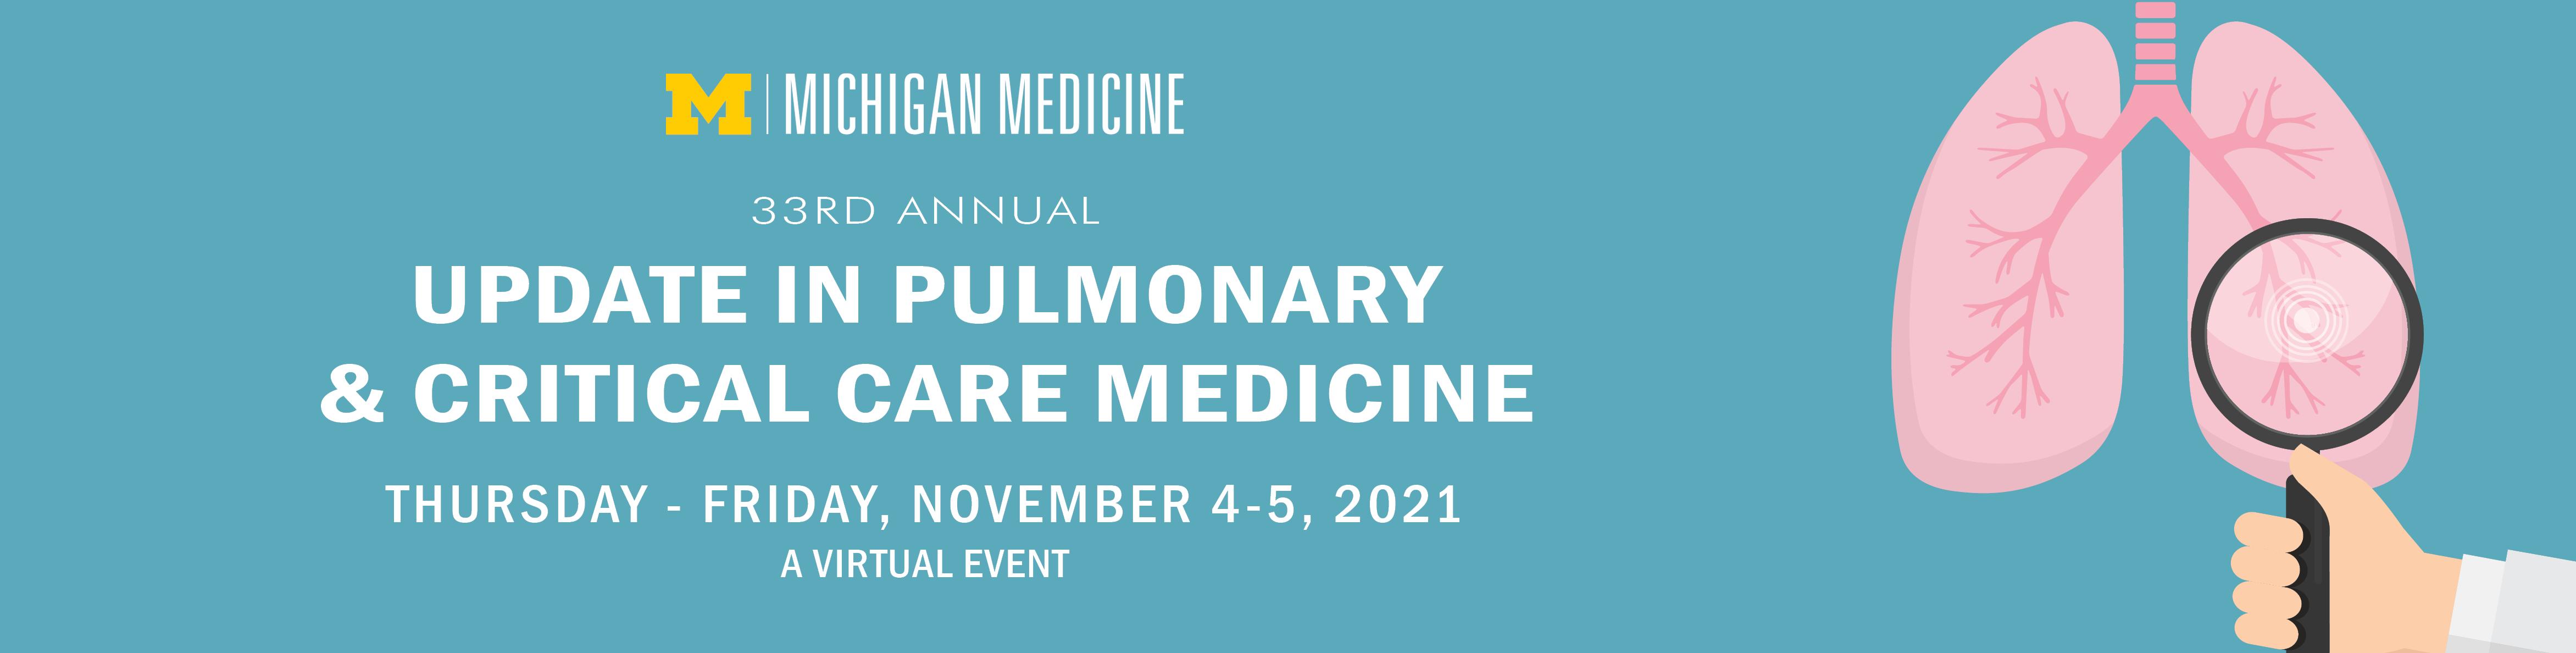 33rd Annual Update in Pulmonary & Critical Care Medicine